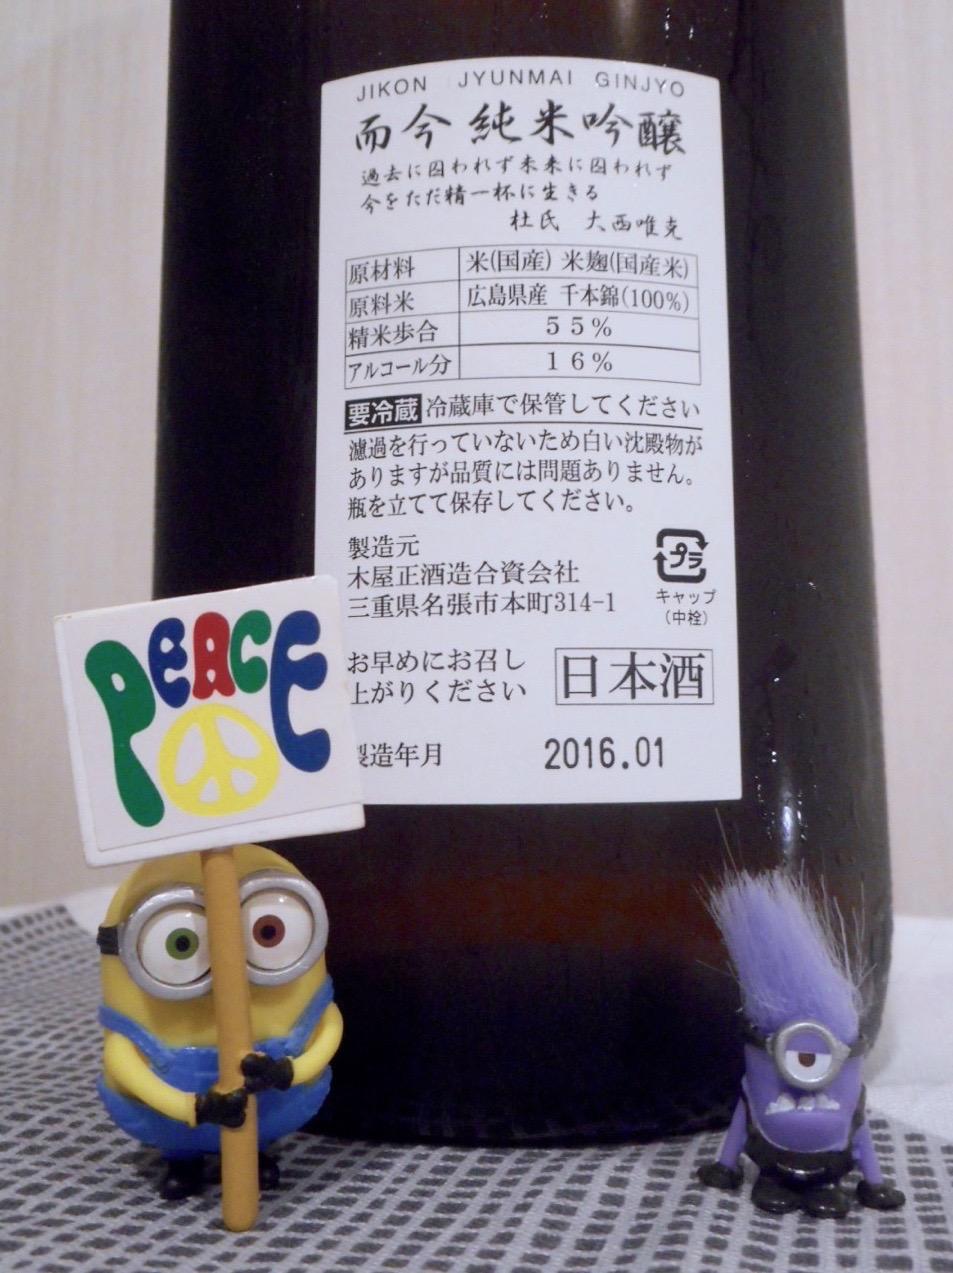 jikon_senbon_nama3.jpg